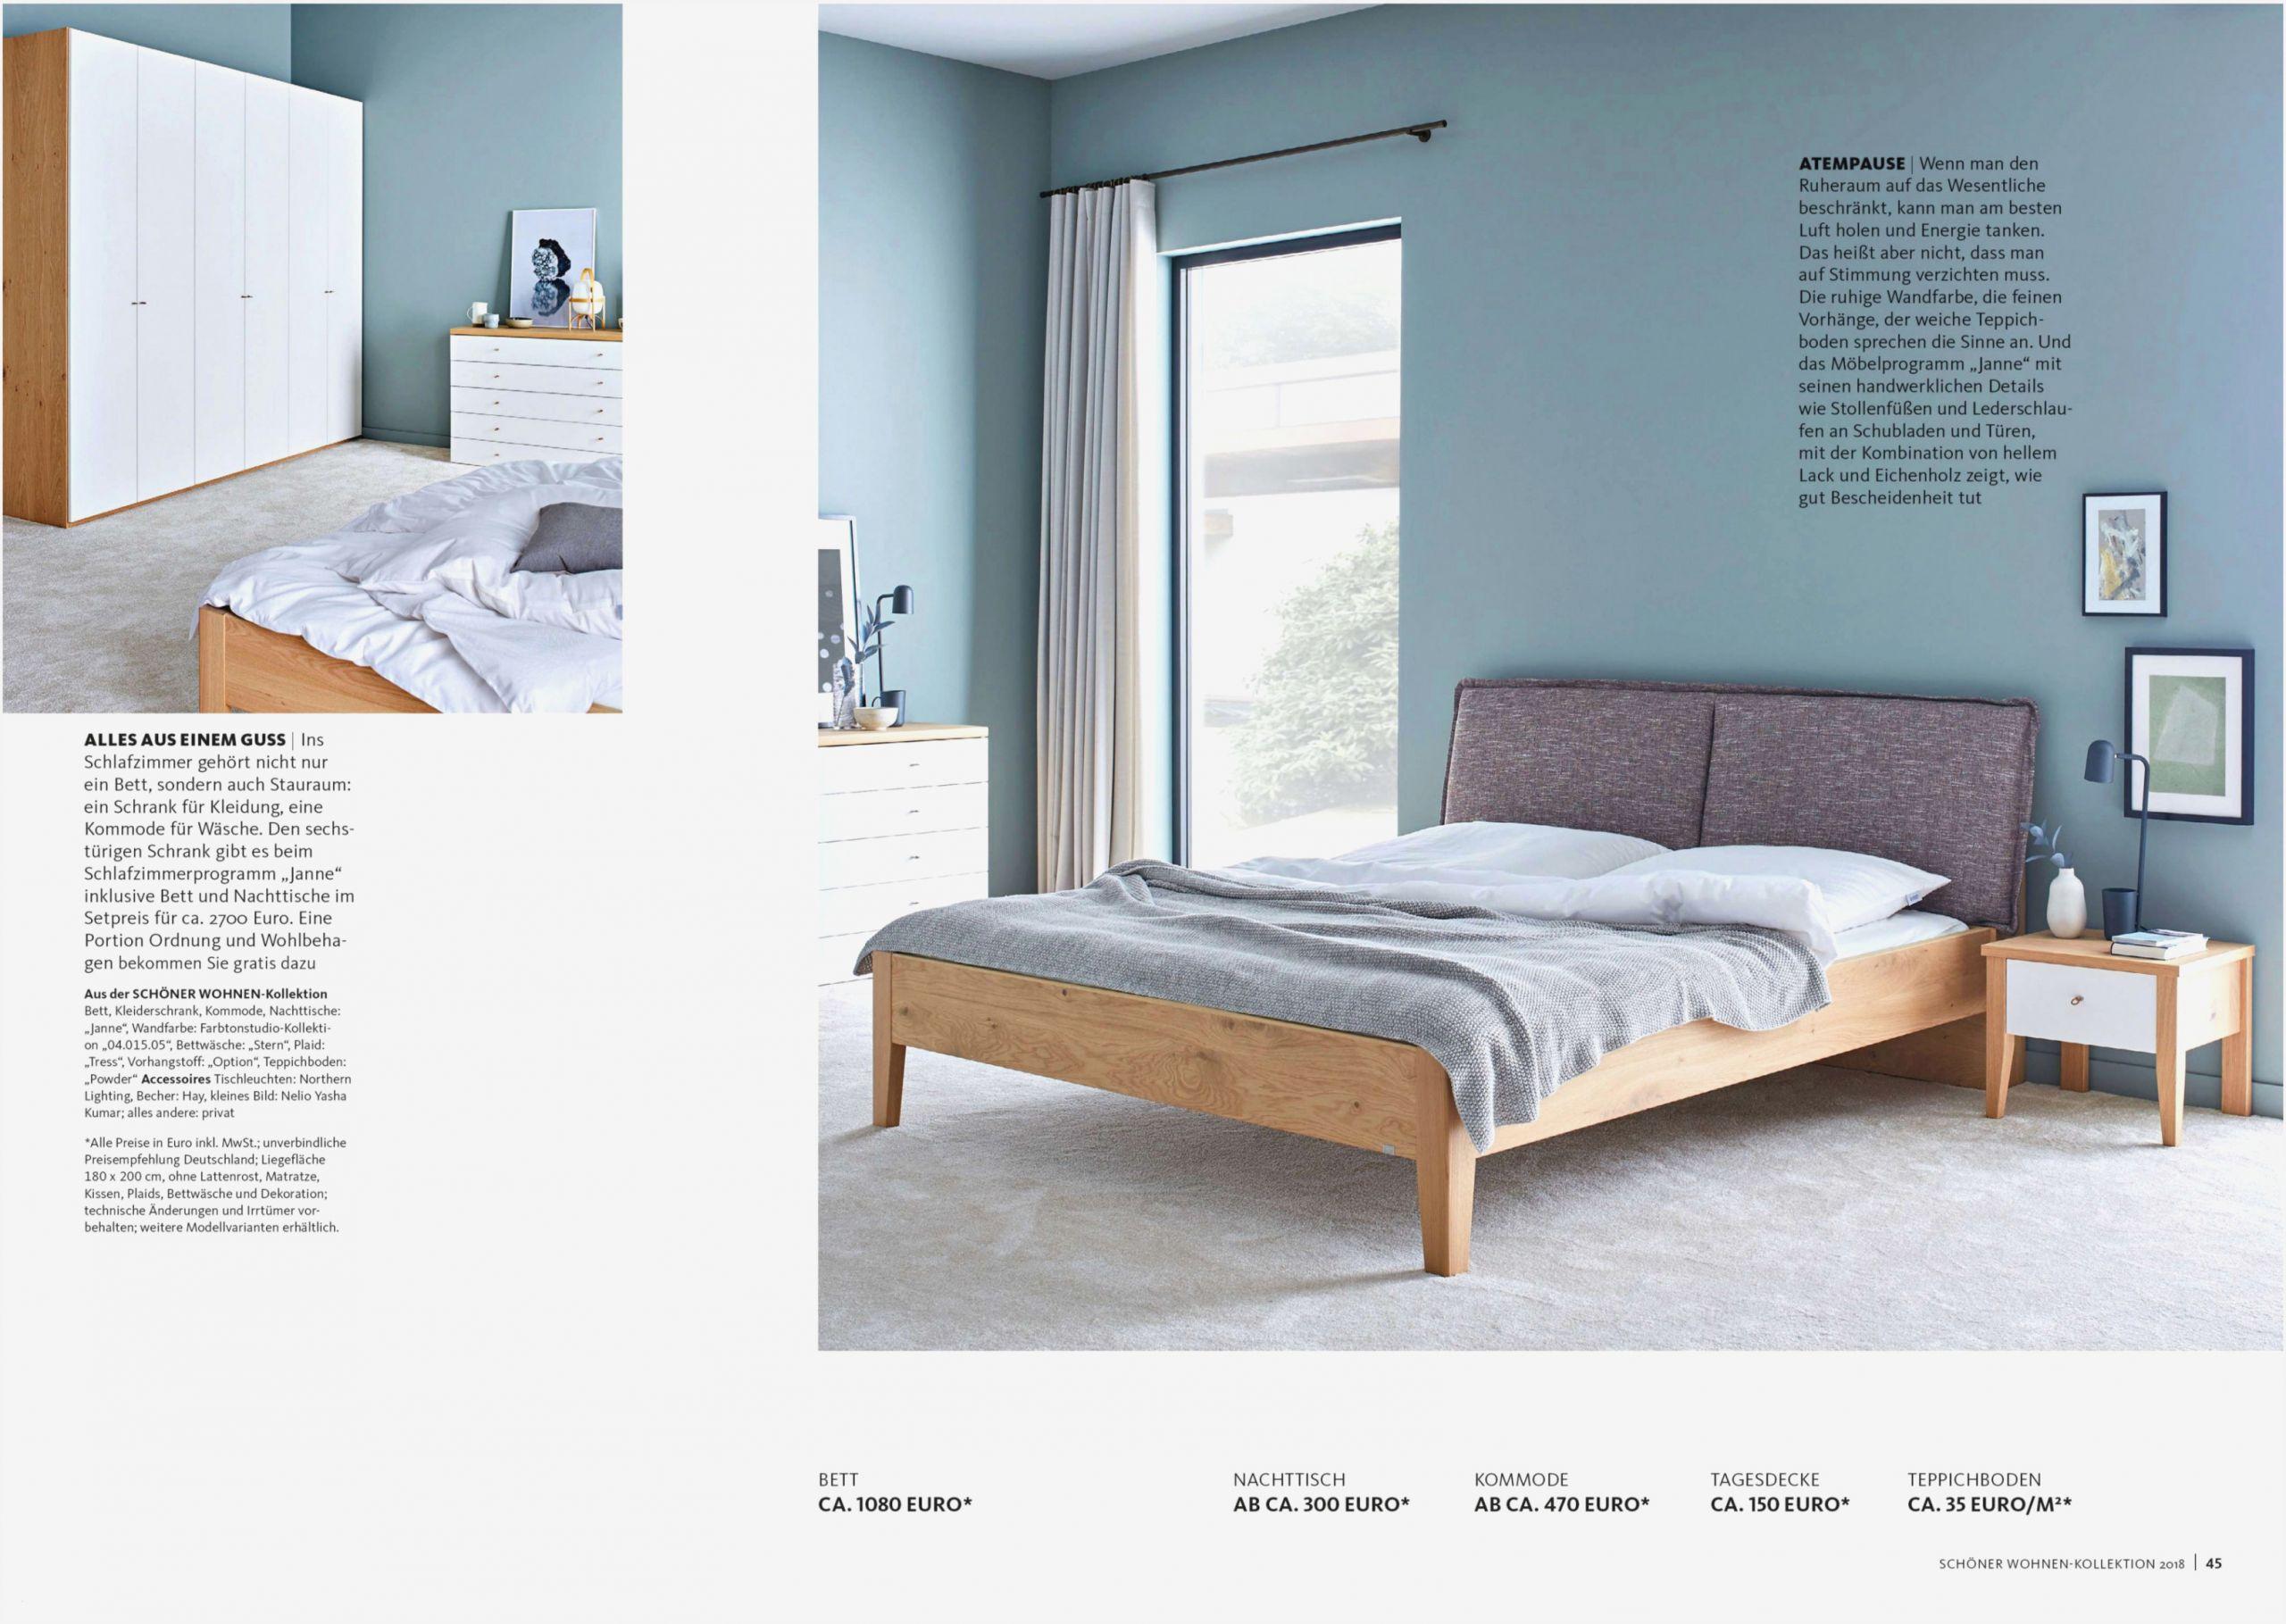 Full Size of Trennwand Ikea Schlafzimmer Traumhaus Dekoration Sofa Mit Schlaffunktion Garten Küche Kosten Modulküche Kaufen Betten 160x200 Miniküche Bei Glastrennwand Wohnzimmer Trennwand Ikea